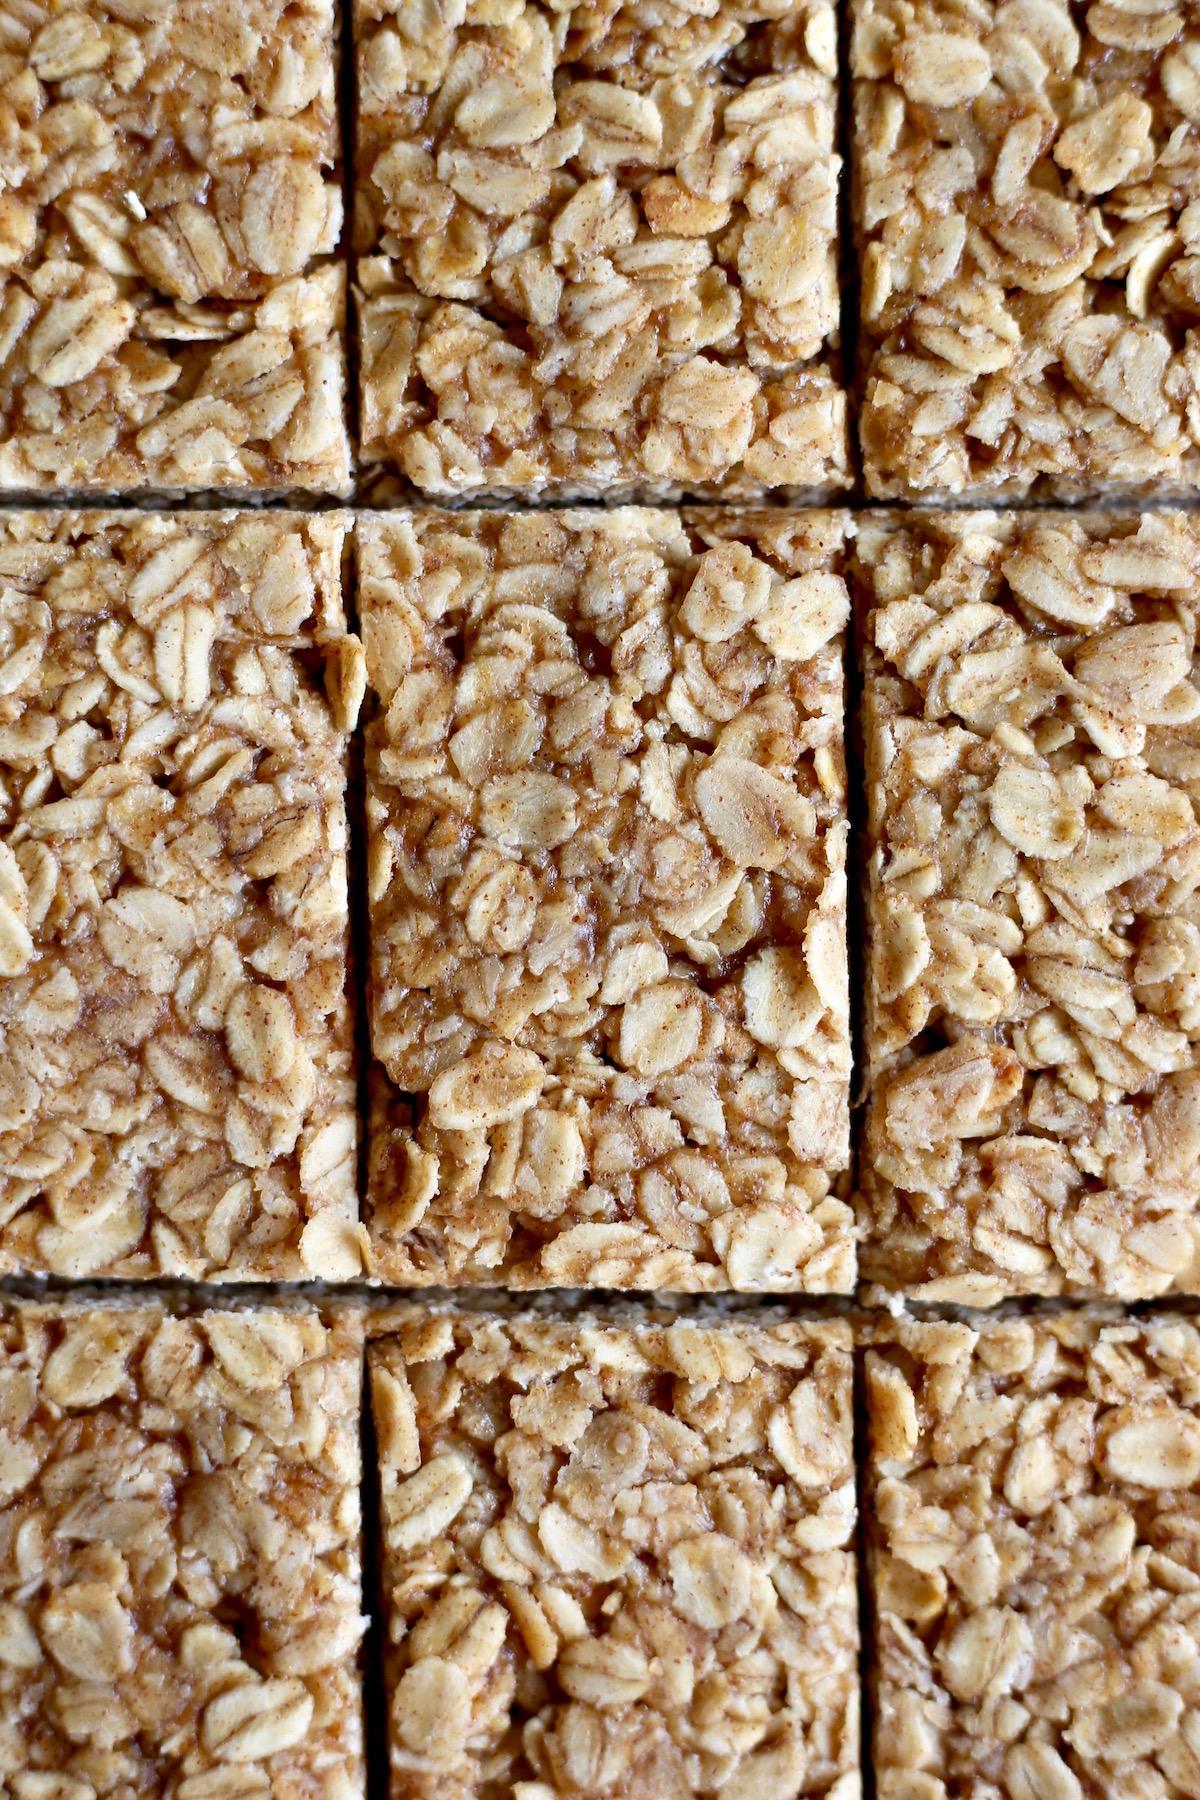 A sheet of homemade no-bake granola bars cut into rectangles